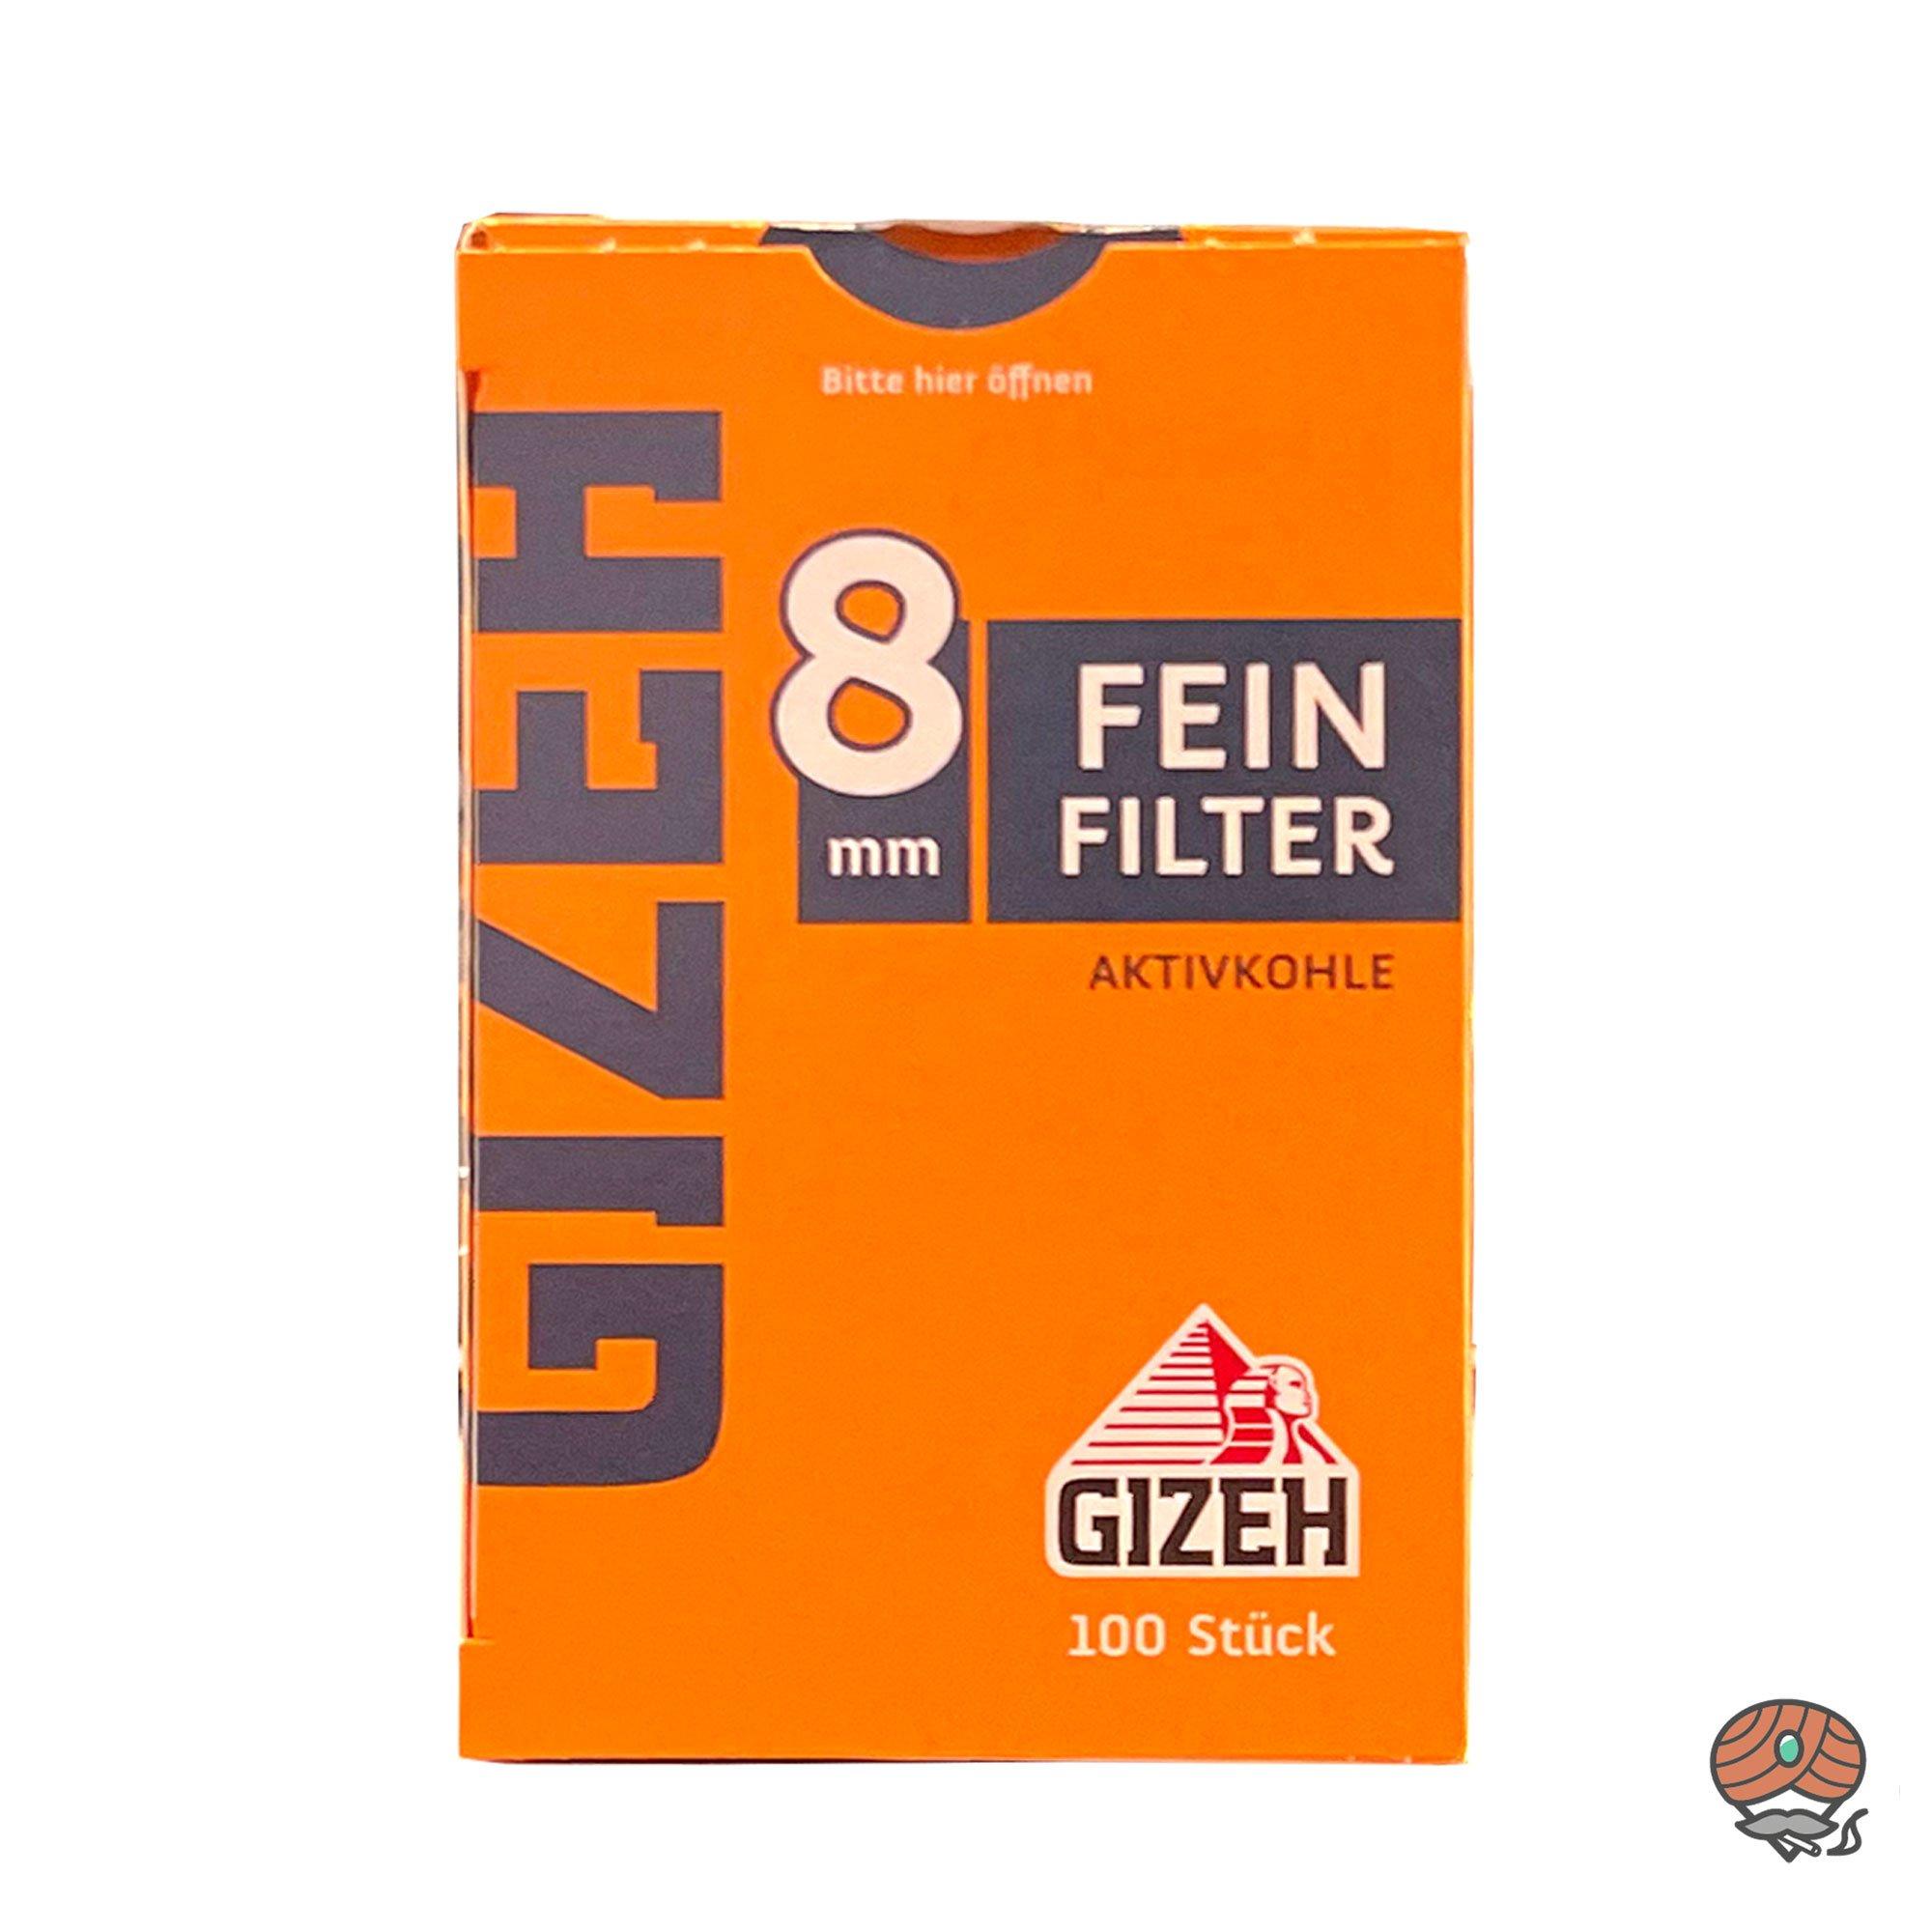 Gizeh Feinfilter Aktivkohle 8 mm 1 Schachtel à 100 Feinfilter